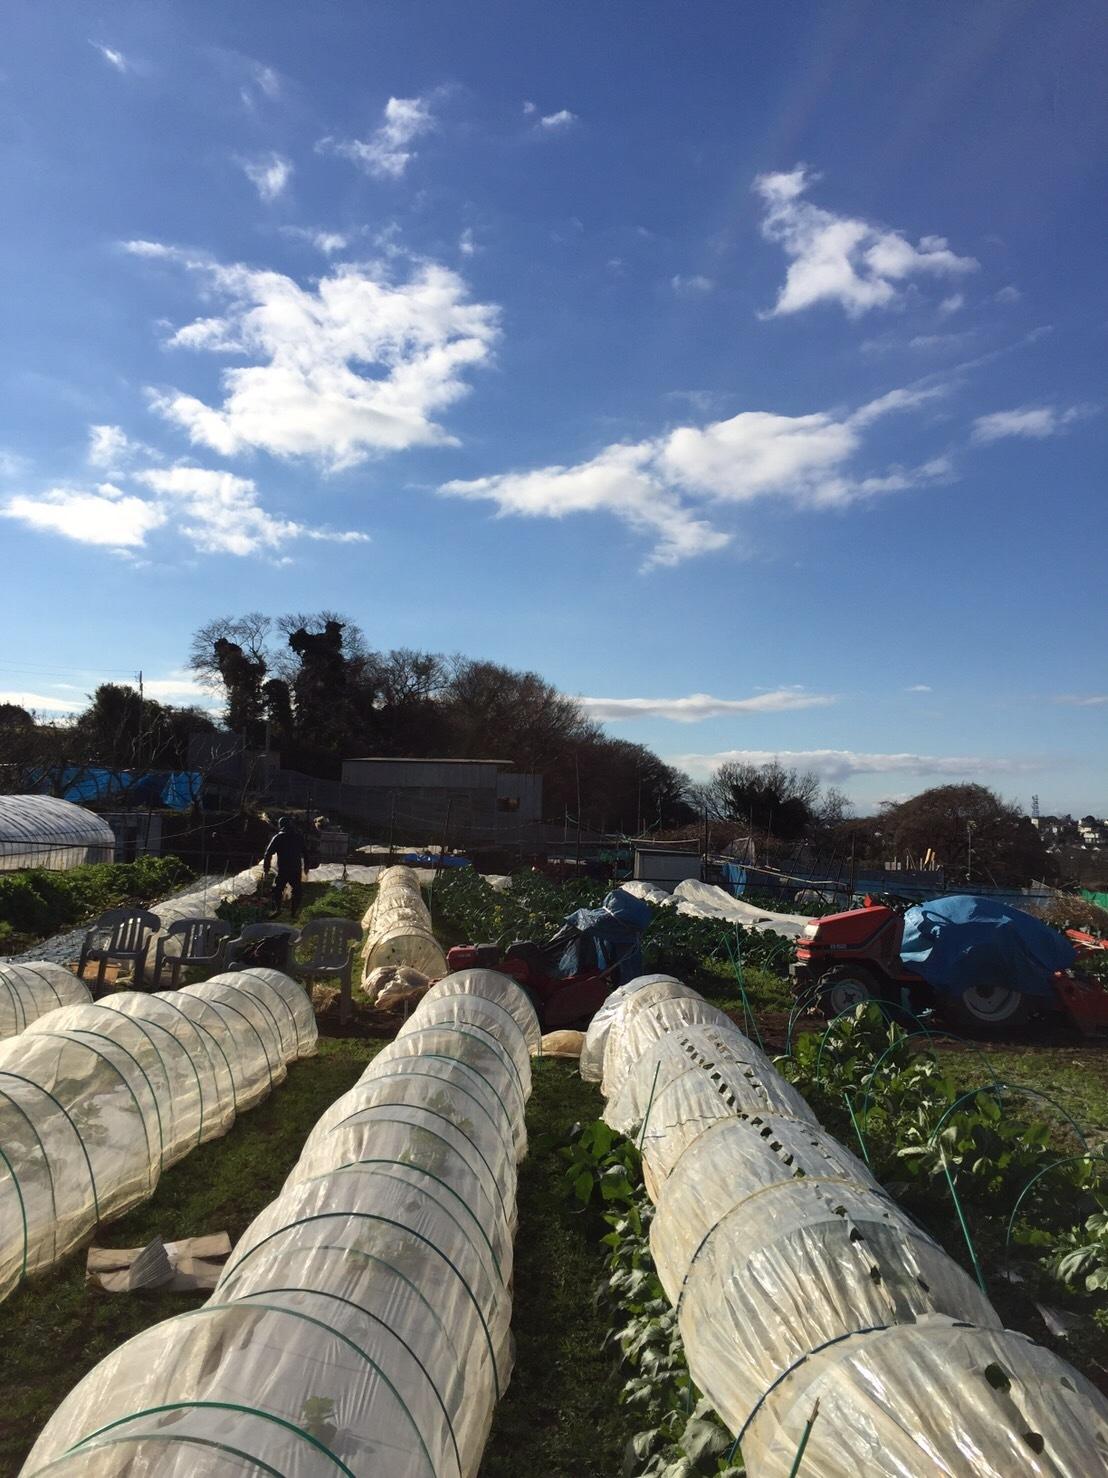 今日で畑仕事納めです ブロッコリー 小松菜 菜の花 カーヴォロネーロ レタス ルッコラを中心に収穫です_c0222448_14365082.jpg